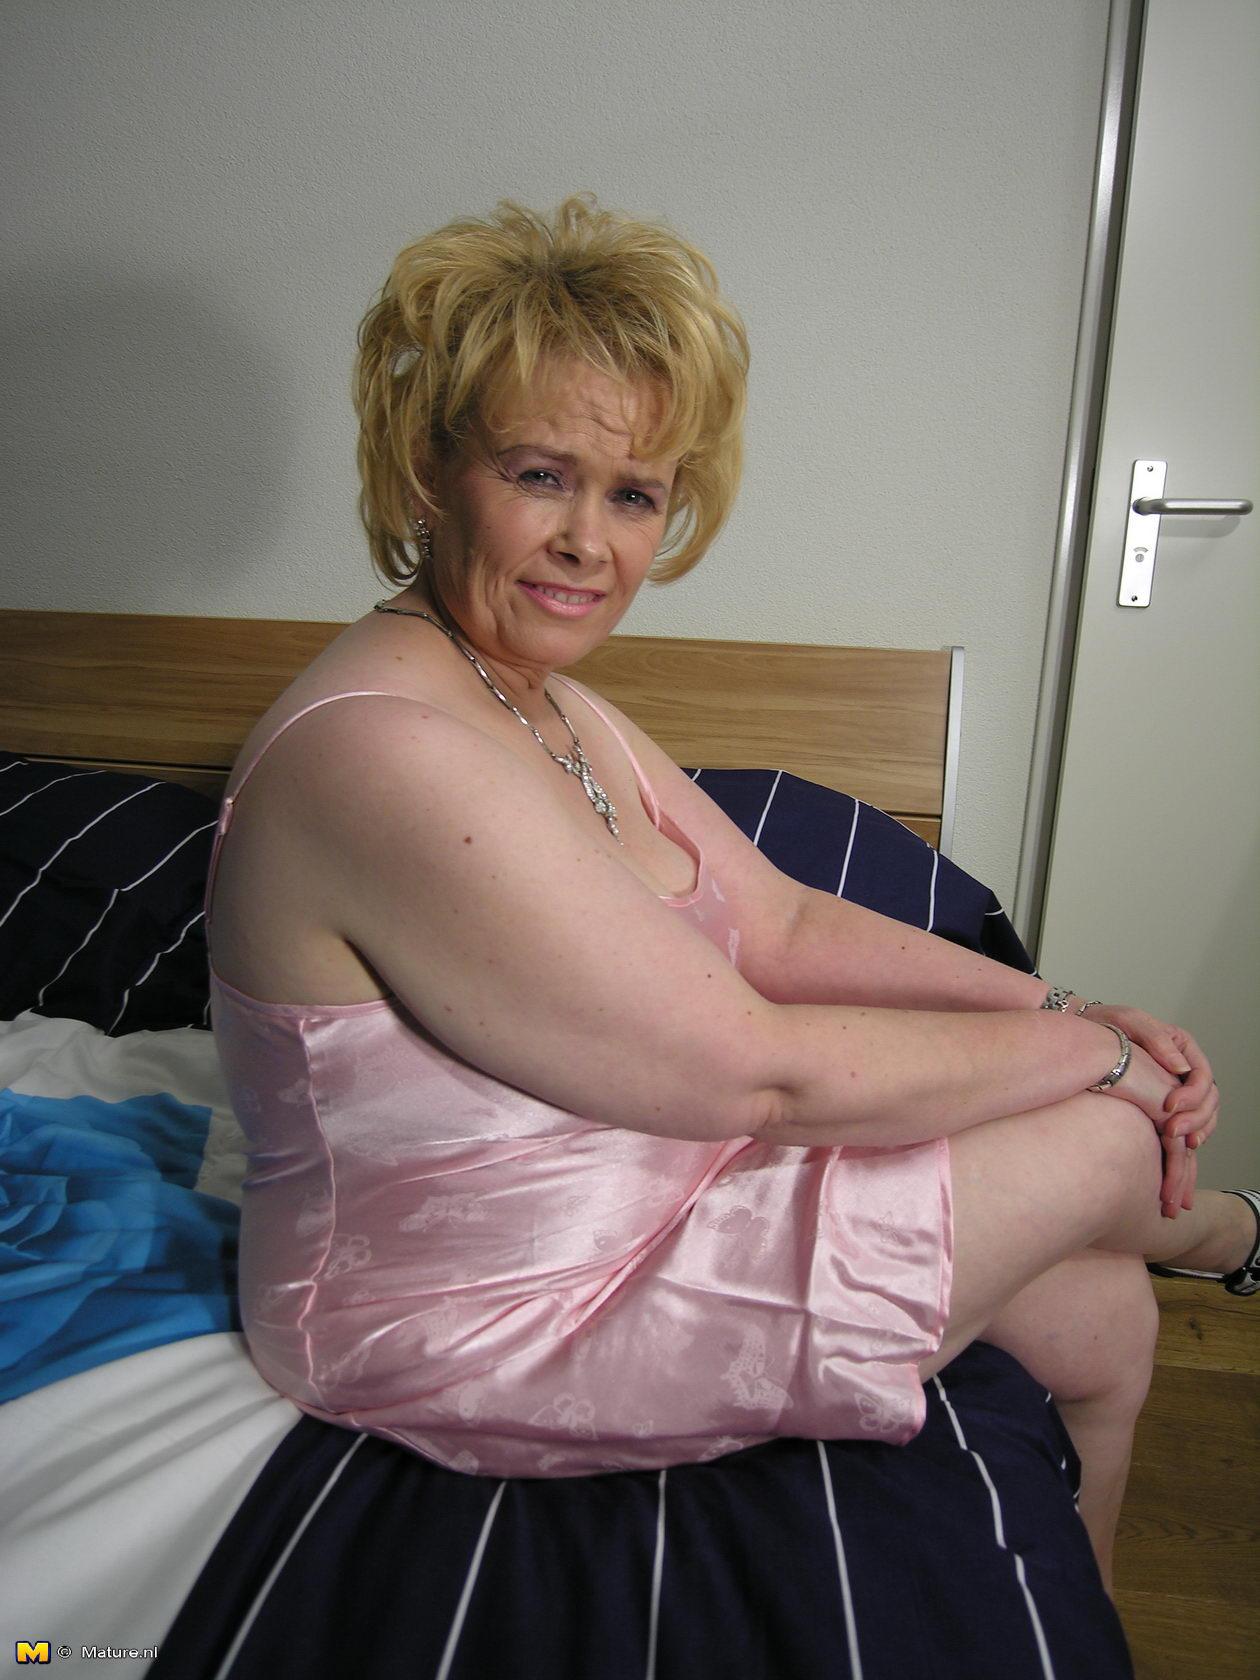 Great big milf nipples YA...YA YA...YA